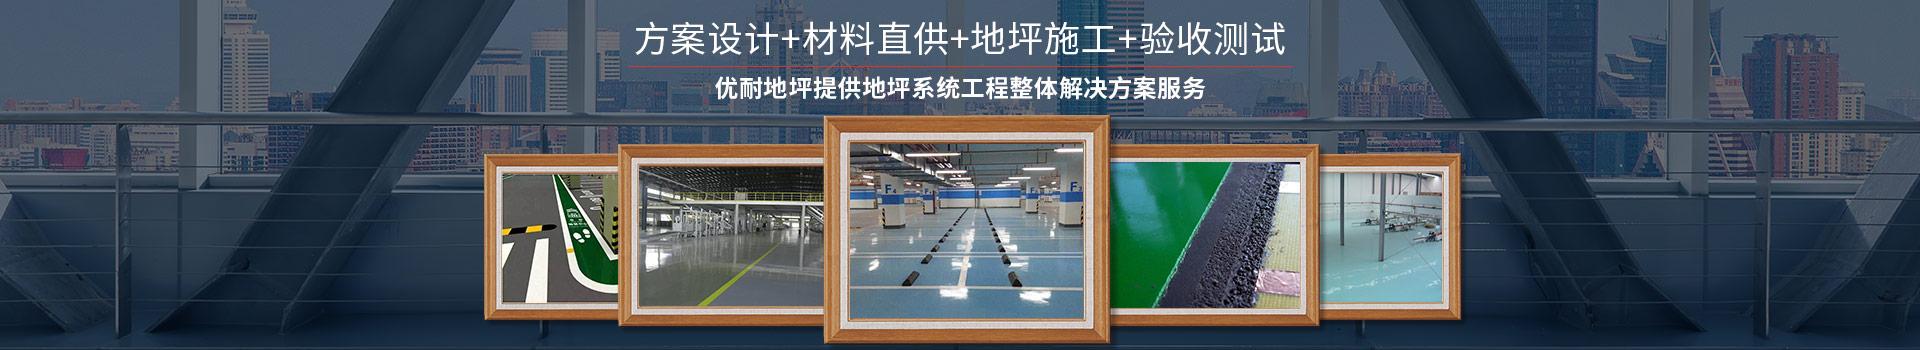 方案设计+材料直供+地坪施工+验收测试,优耐地坪提供地坪系统工程整体解决方案服务